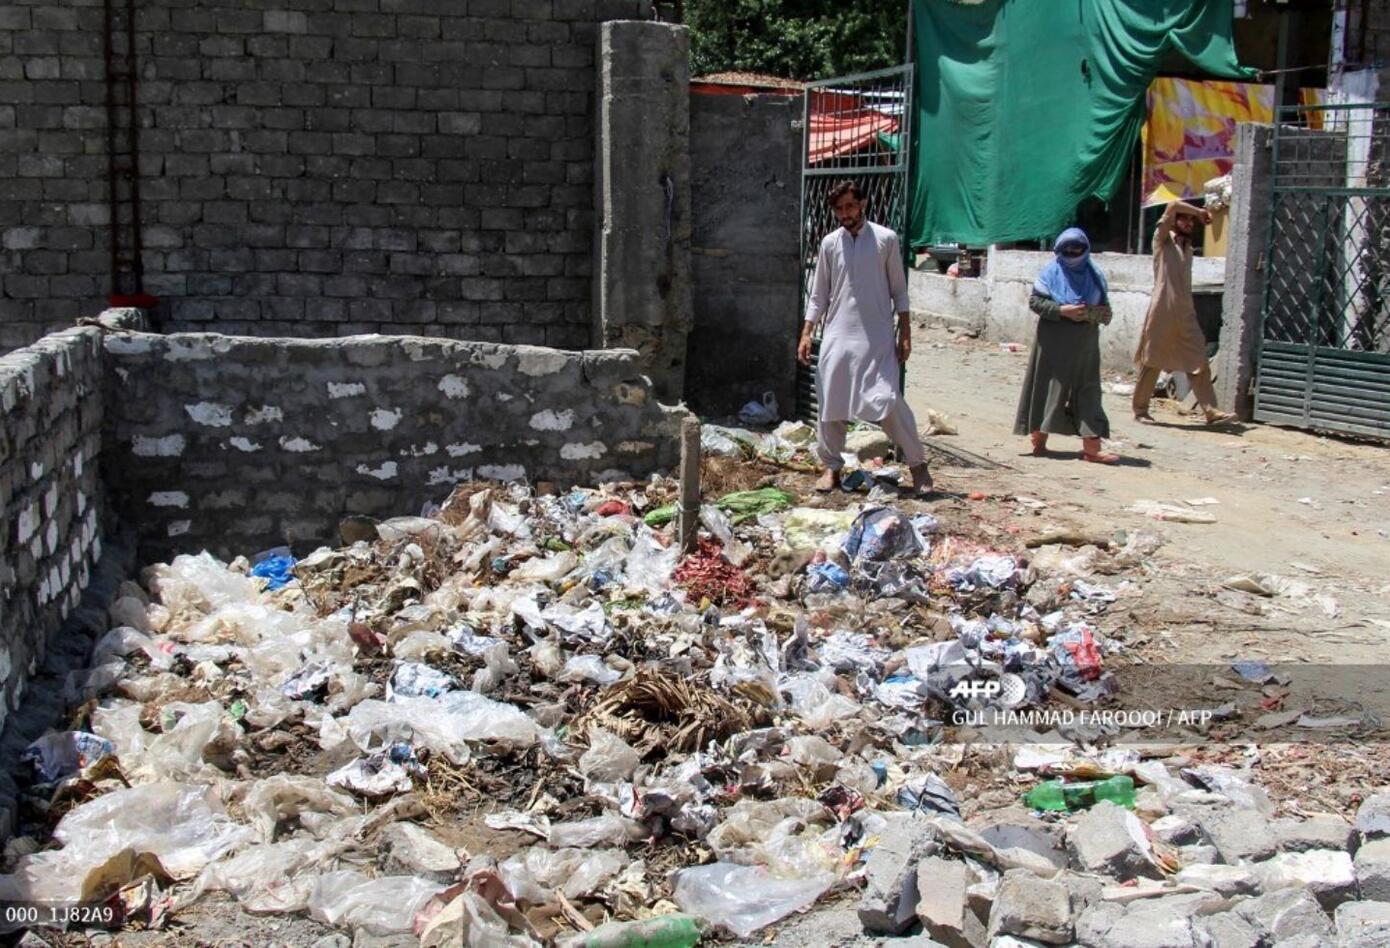 """Económica y práctica, la bolsa de plástico se volvió """"cultural"""" en Pakistán"""